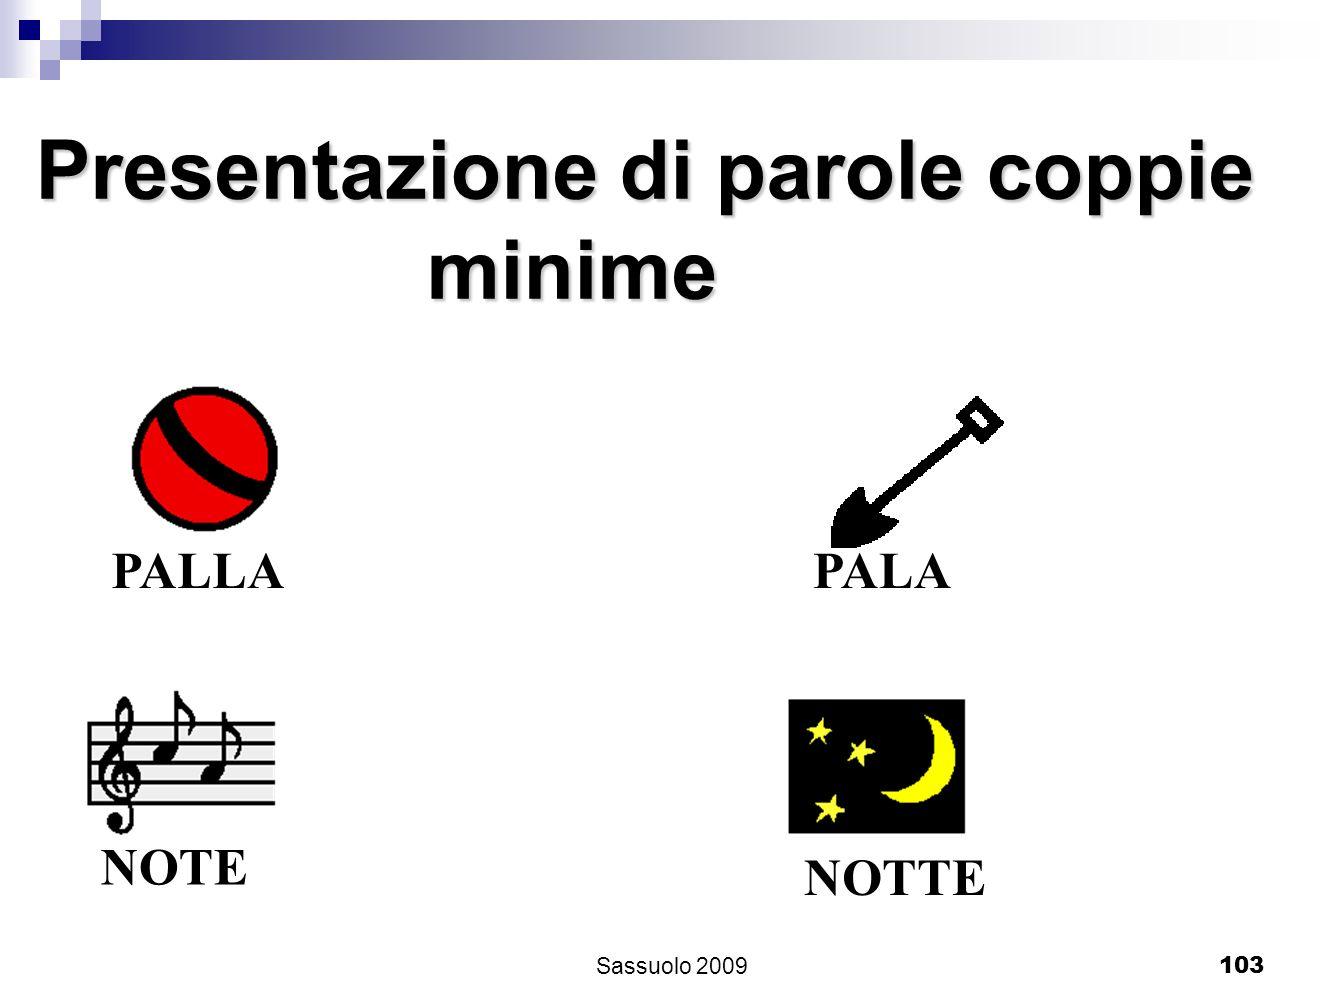 103 Presentazione di parole coppie minime minime PALLA PALANOTE NOTTE Sassuolo 2009